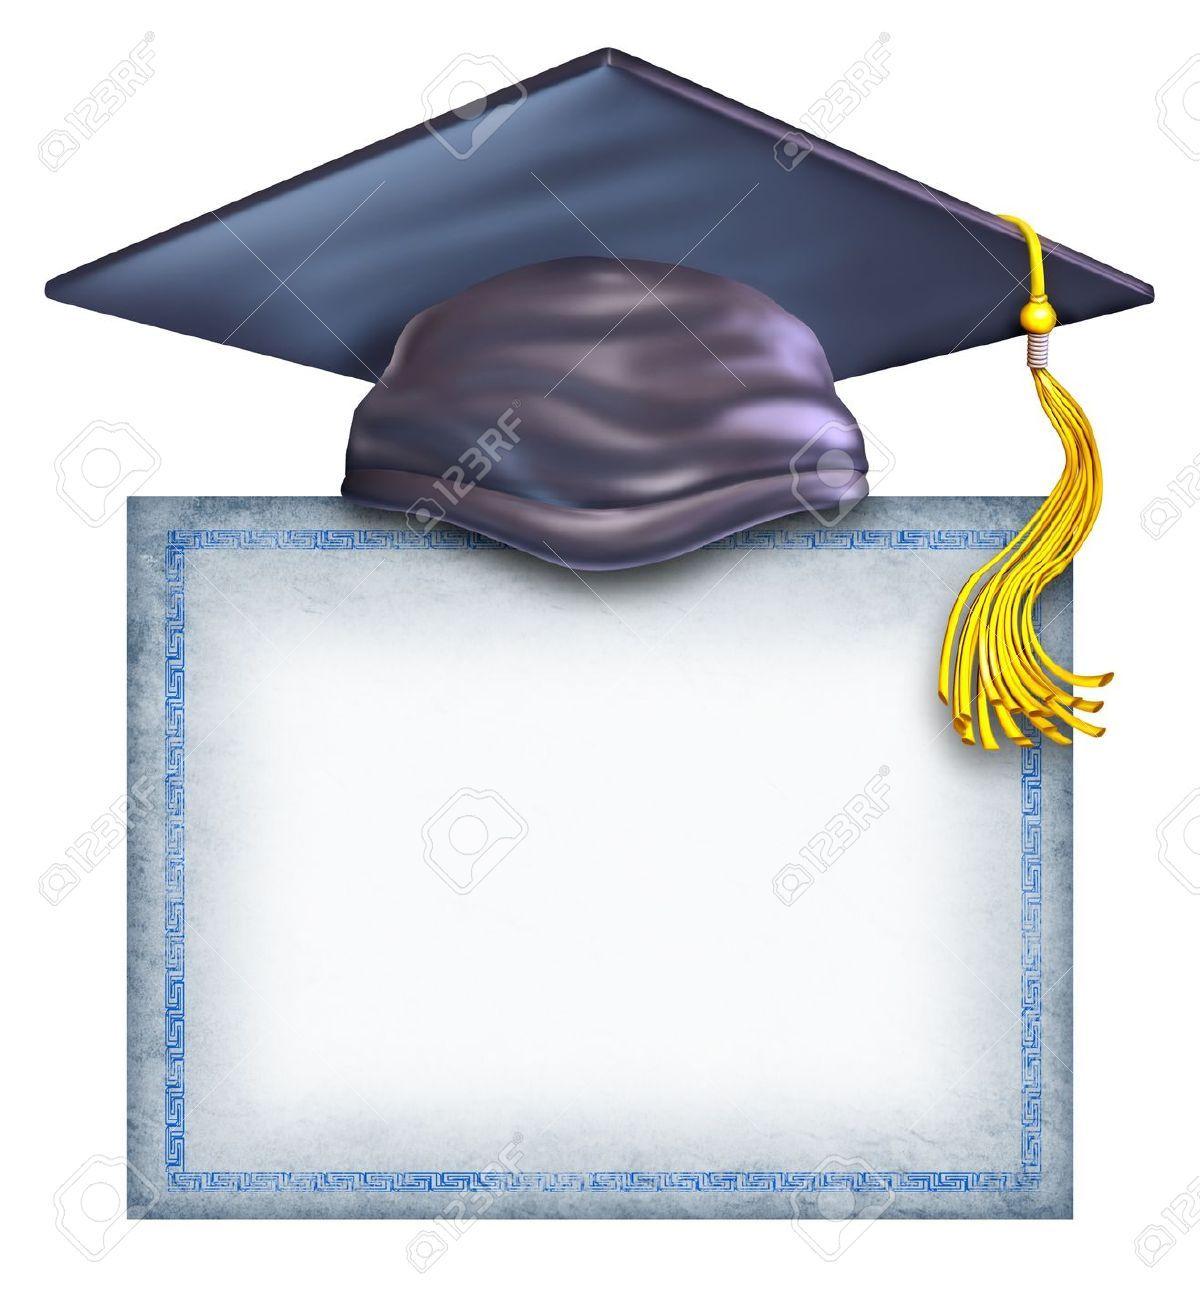 Pillados en la universidad 2 3